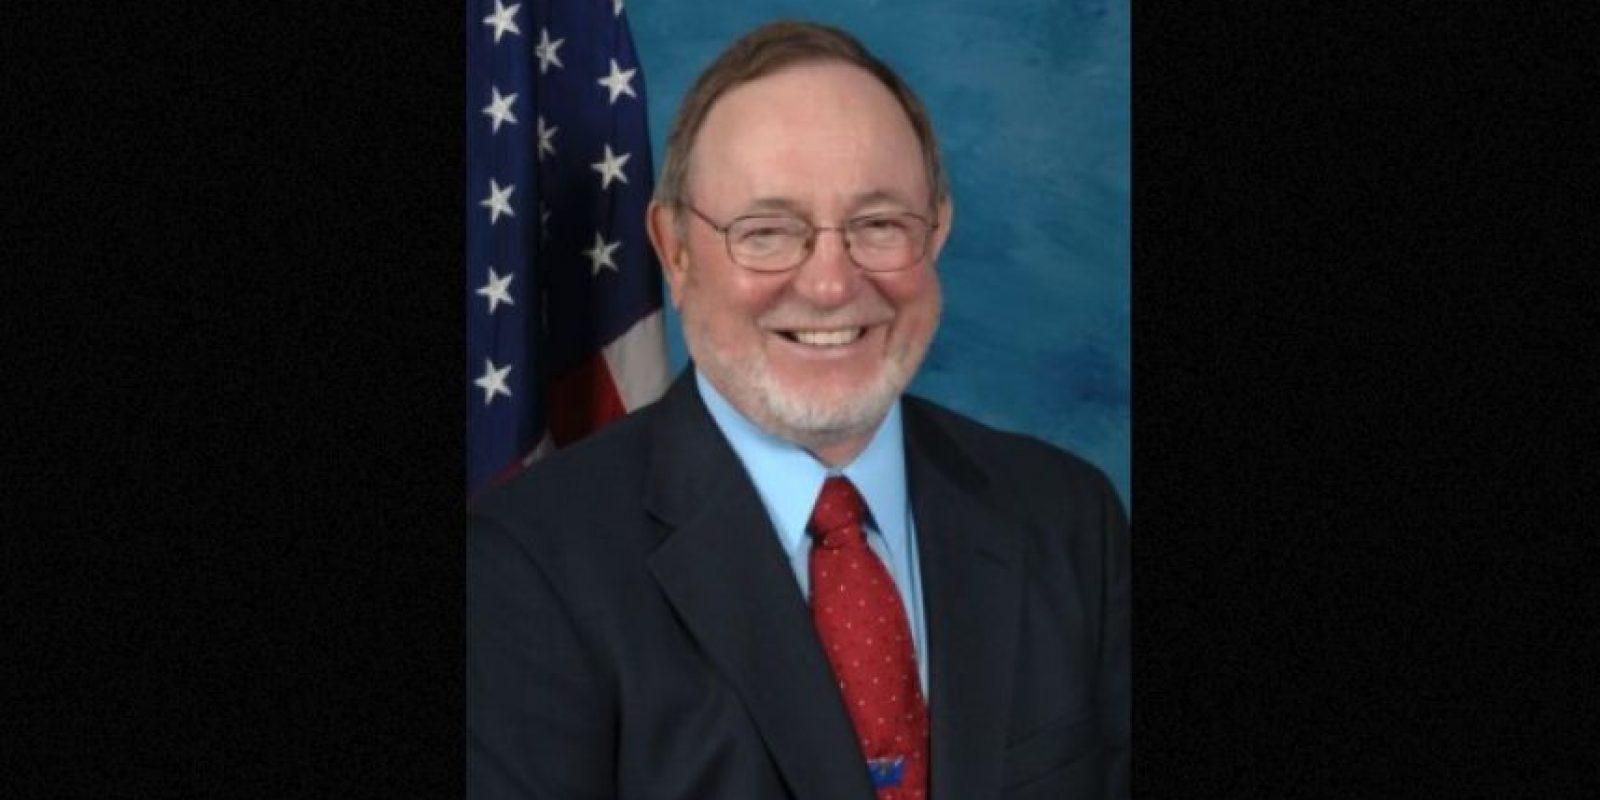 """El congresista republicano recibió críticas muy fuertes cuando se refirió como """"espaldas mojadas"""" a los trabajadores latinos. Foto:Wikipedia.org"""